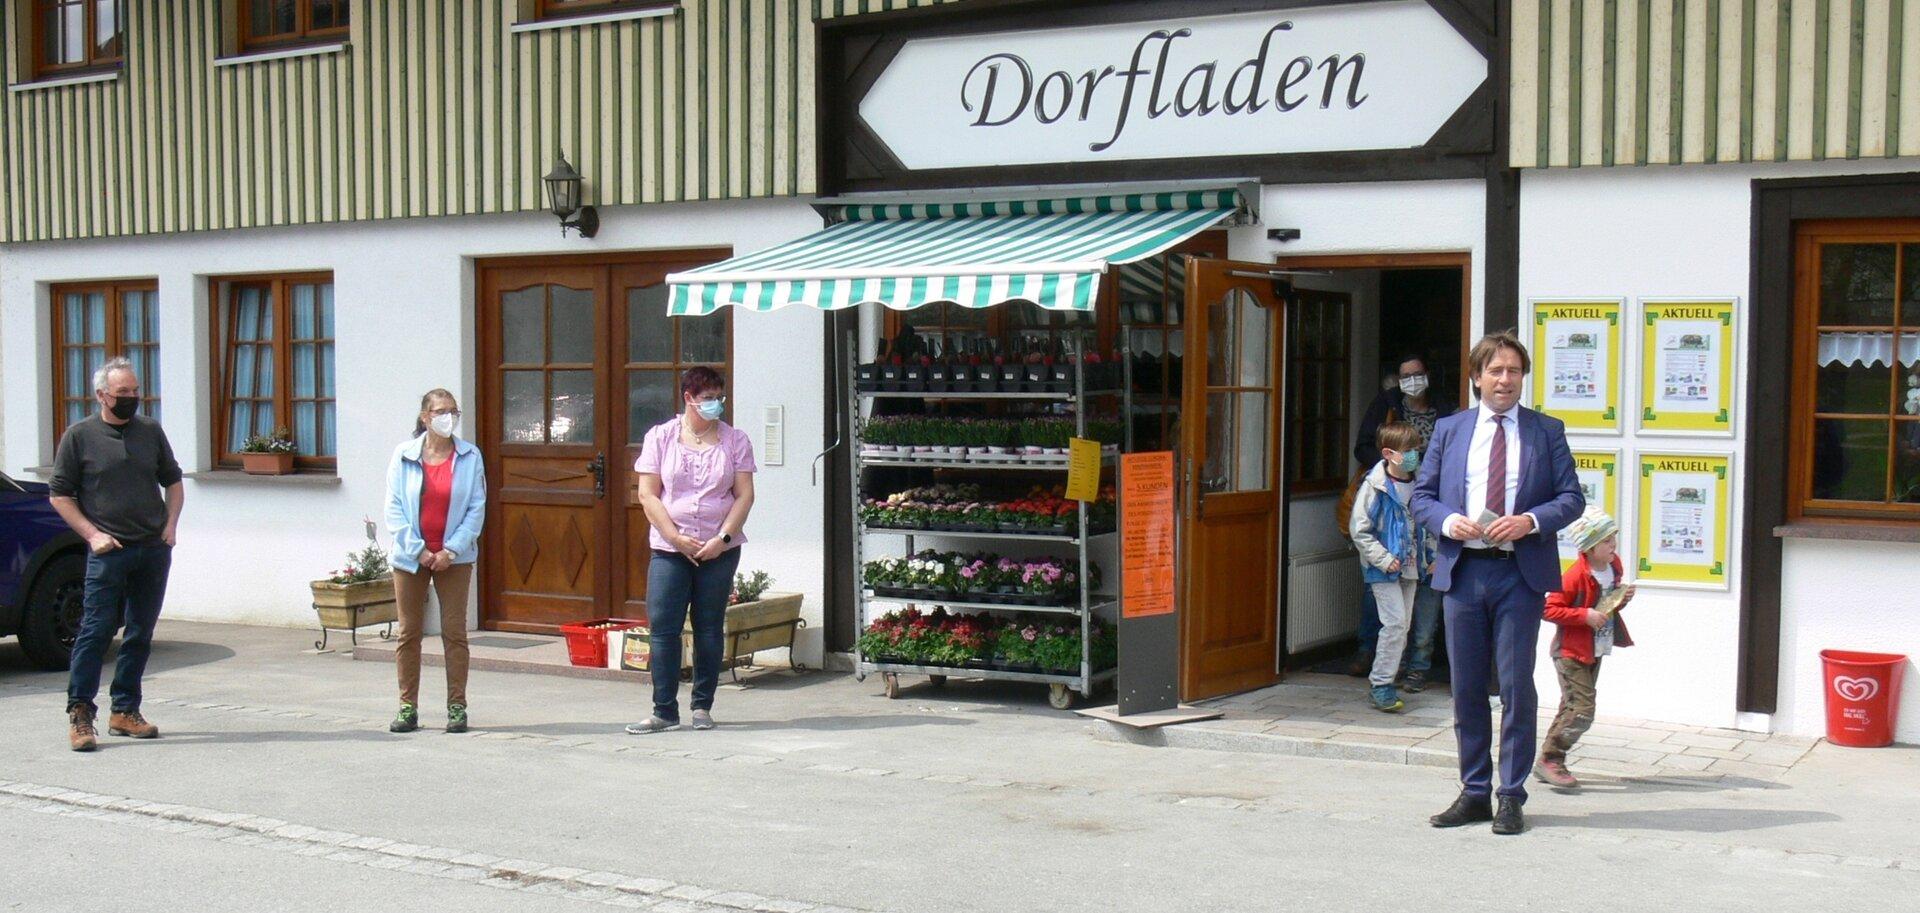 Dorfladen 1